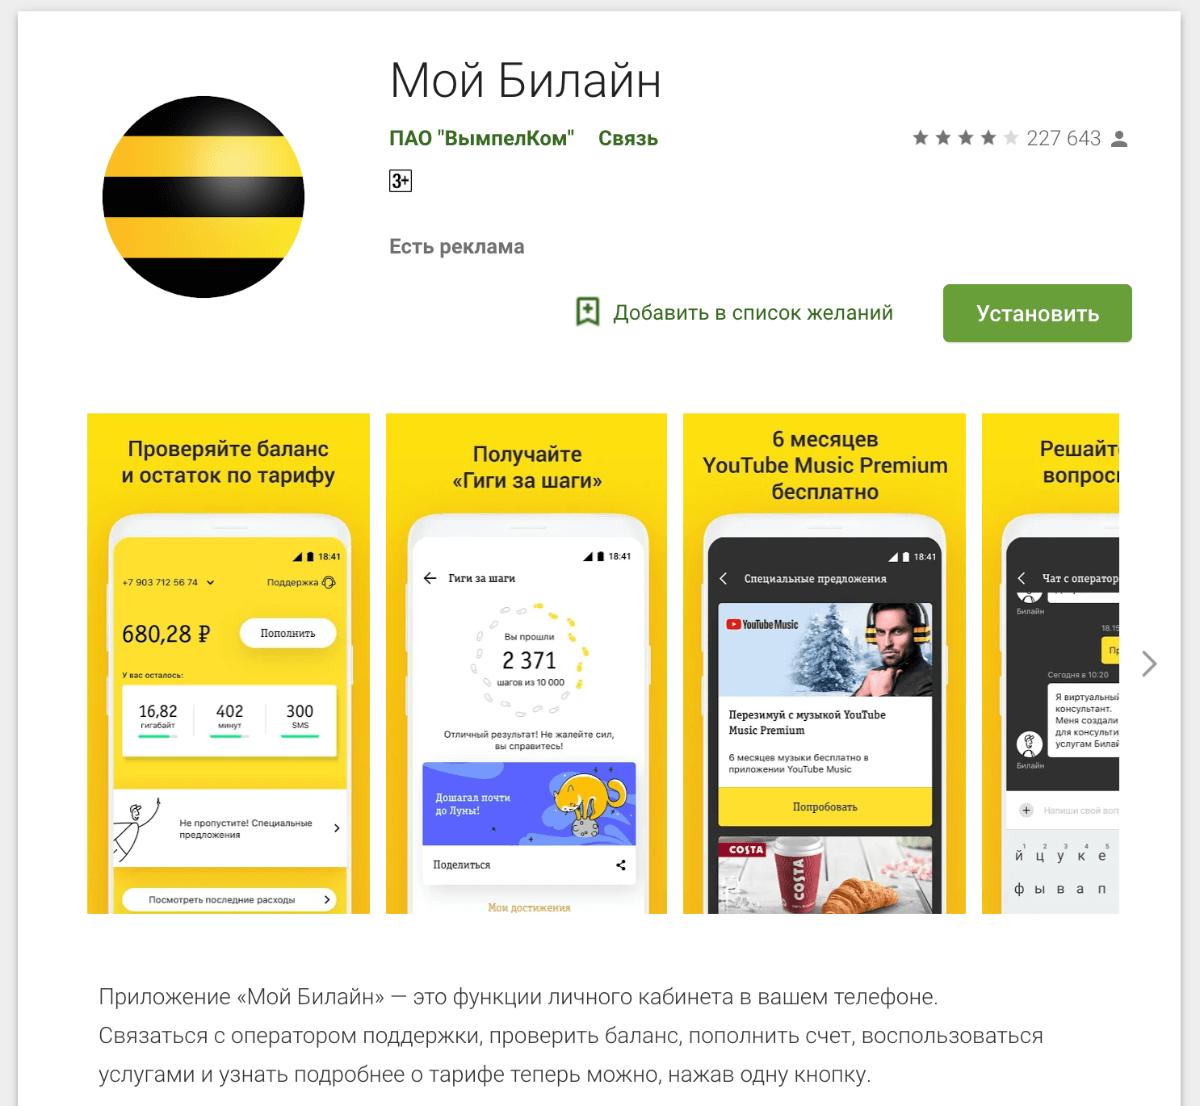 Мобильное приложение Мой Билайн